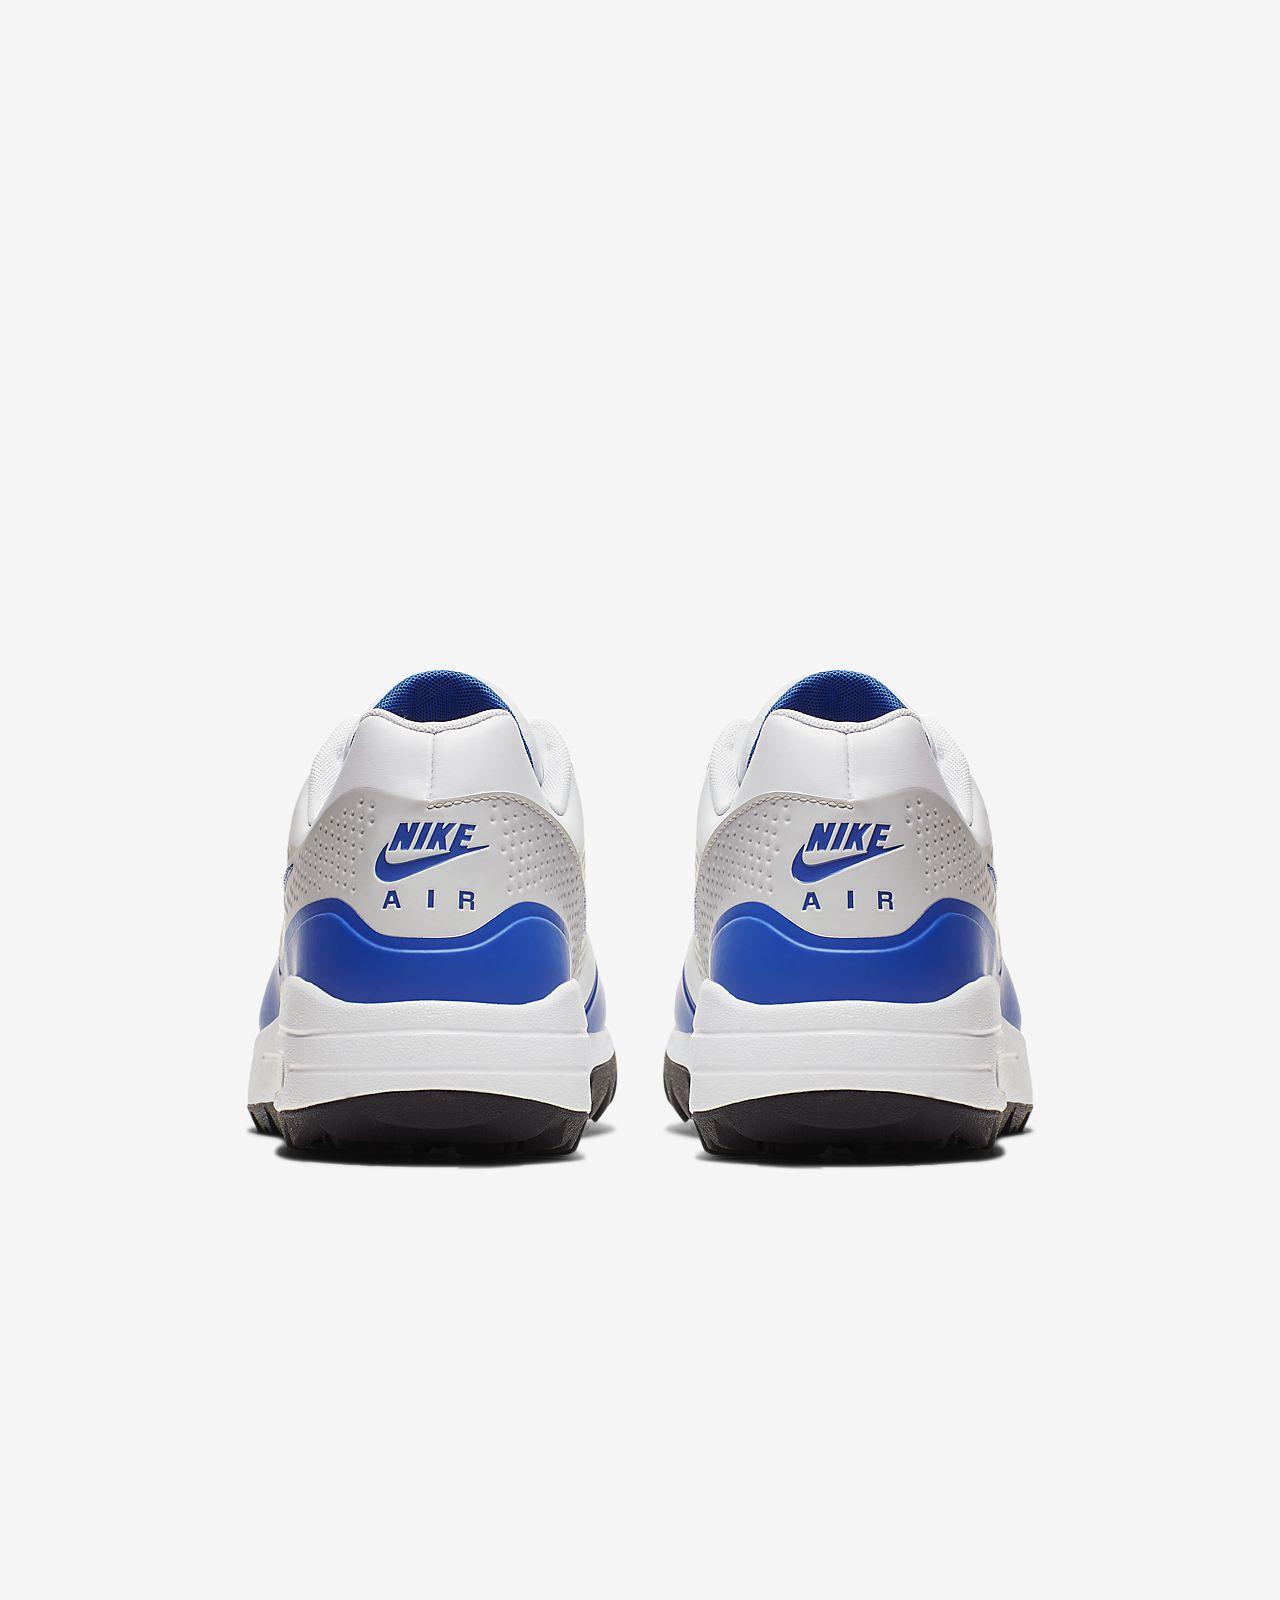 buty męskie nike air max jasno niebieskie z białym